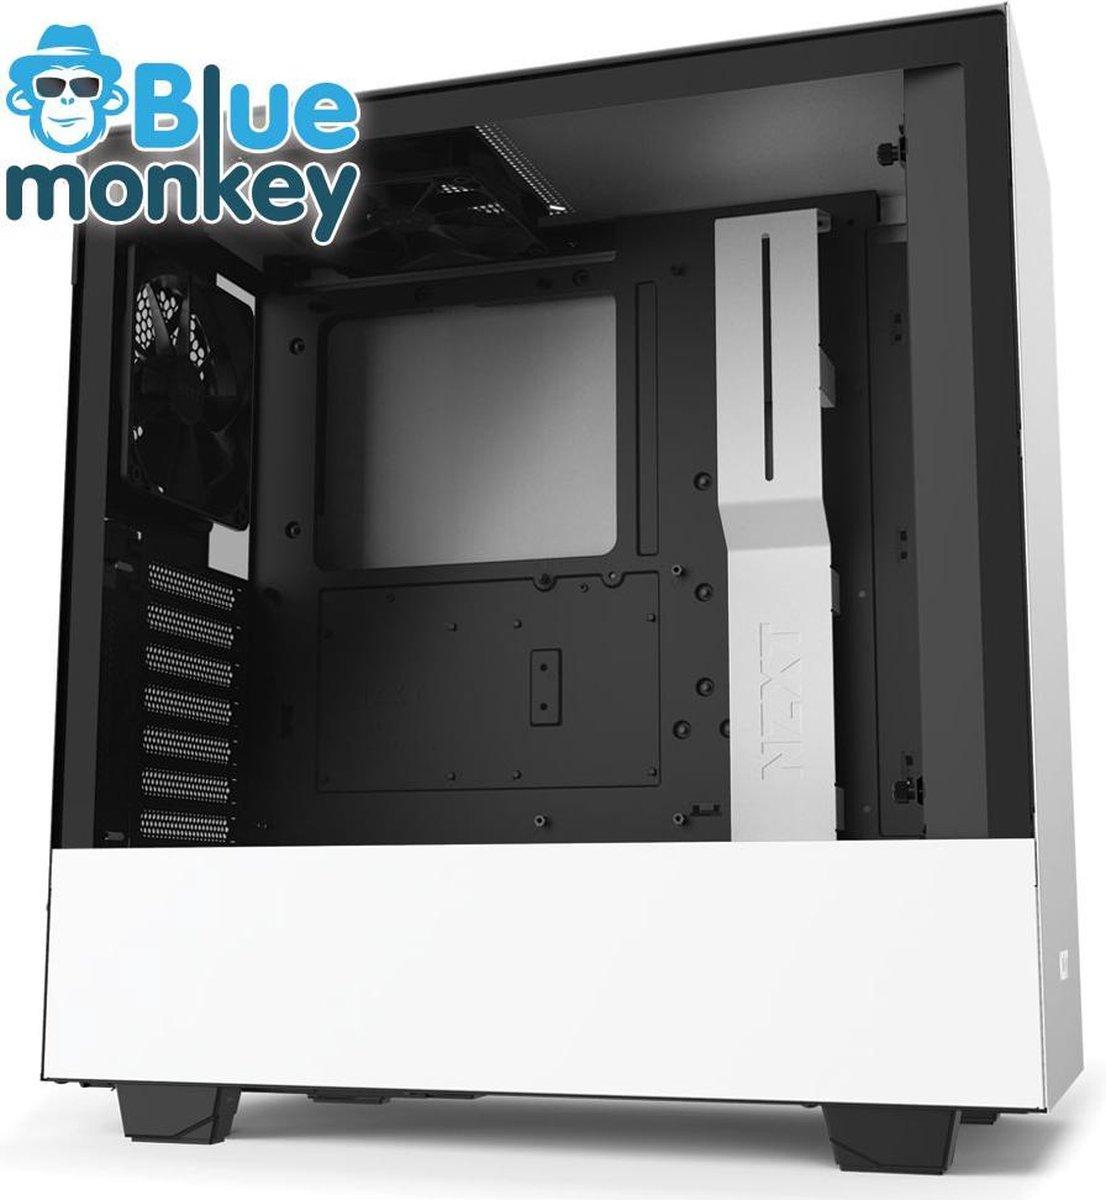 Blue Monkey Game PC: i5 11400 - RTX 3060 Ti - 16 GB RGB DDR 4 - 1 TB M.2 SSD - M22 Kraken Waterkoeler